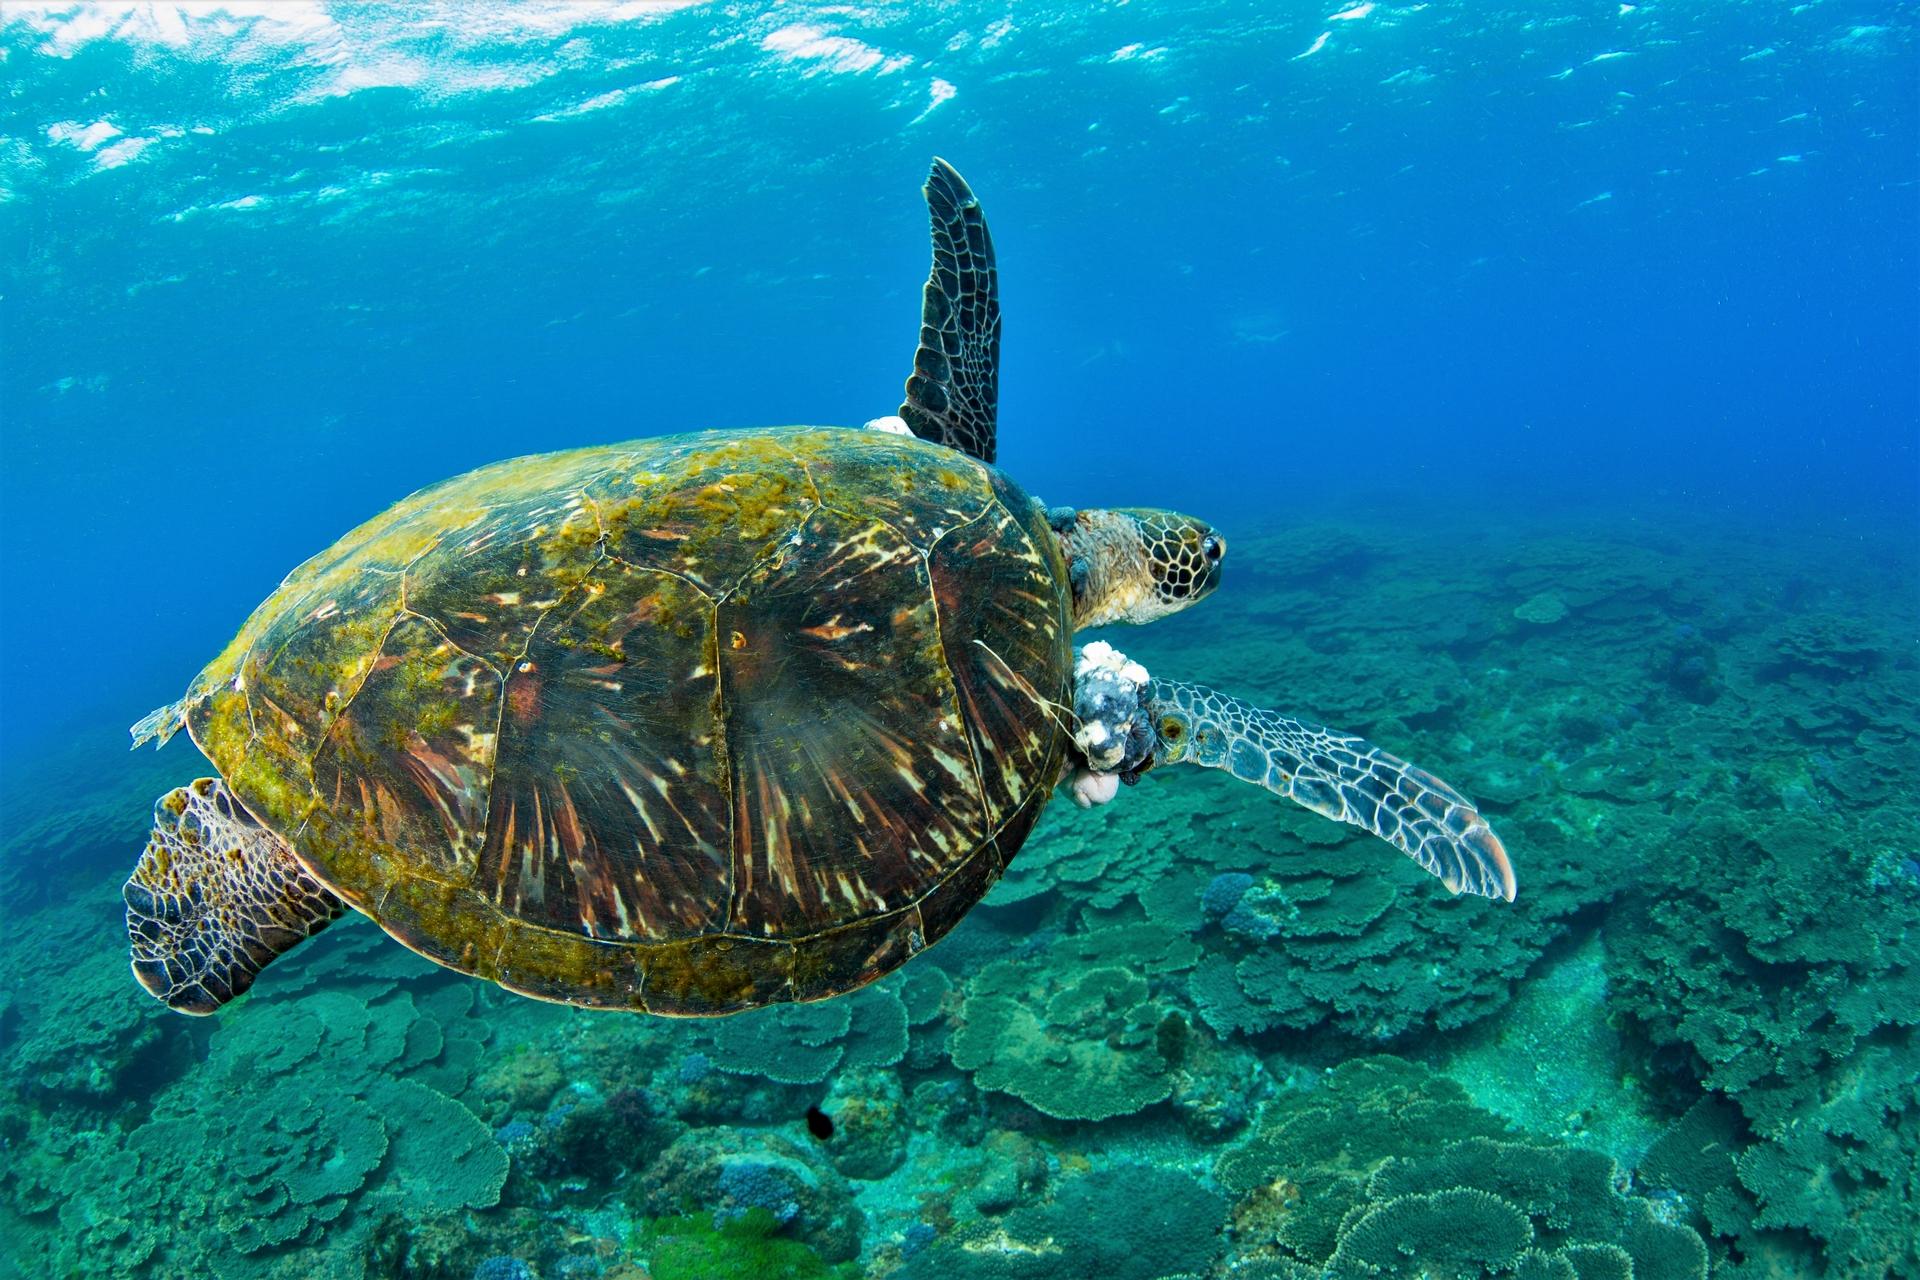 八丈島另一隻長腫瘤的青年綠蠵龜。攝影:蘇淮